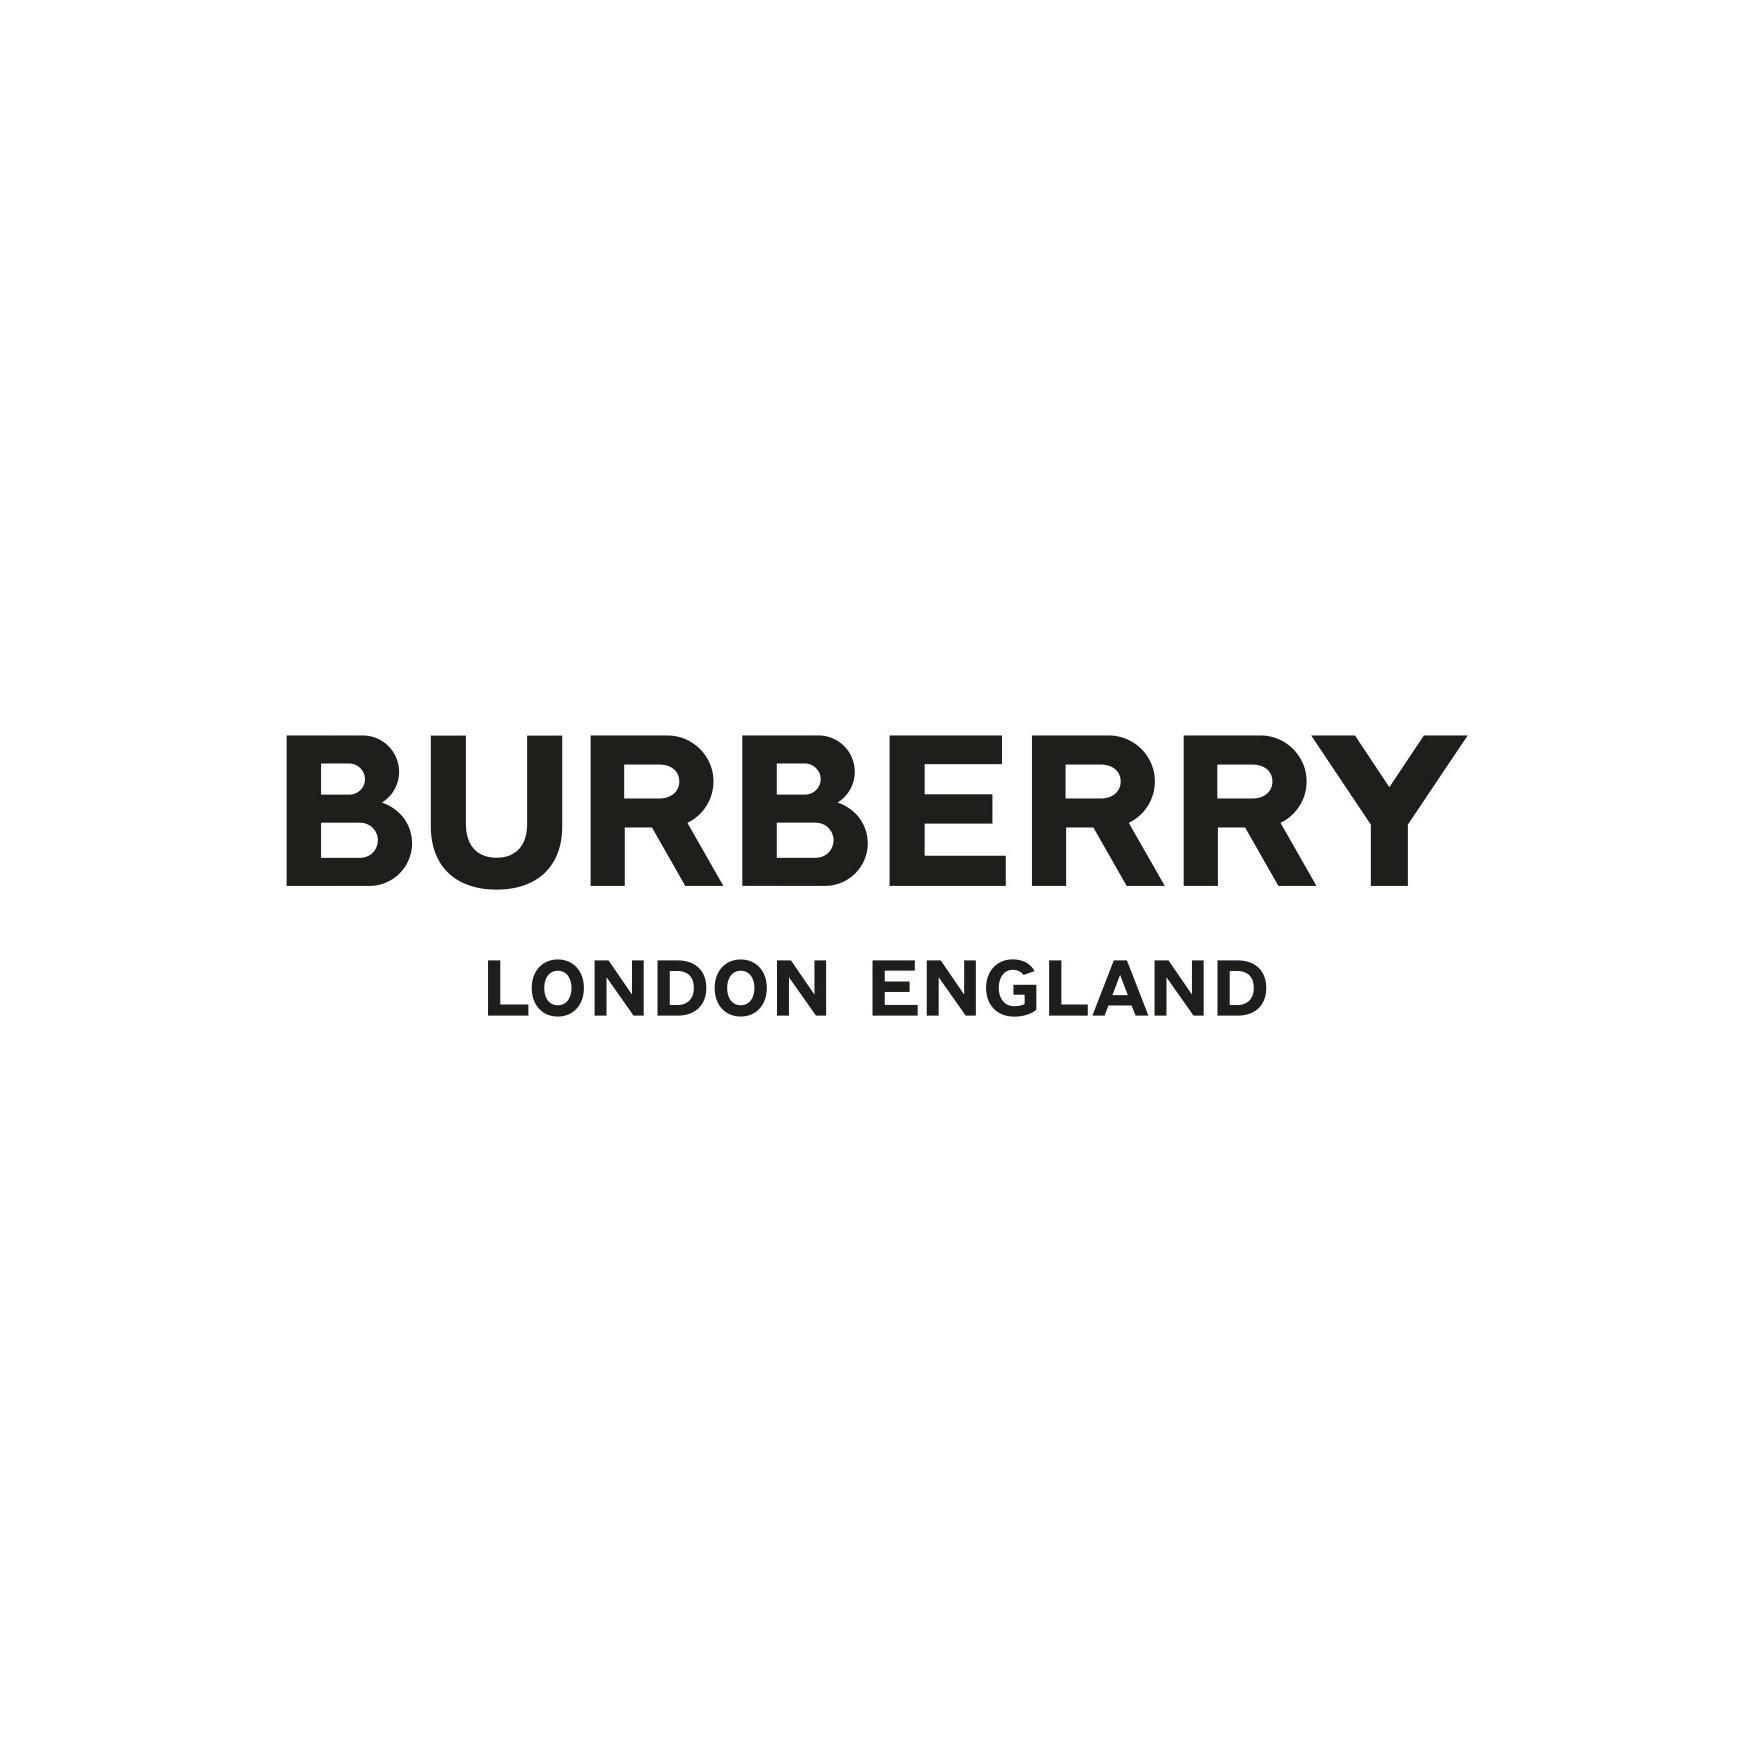 Logo Burberry